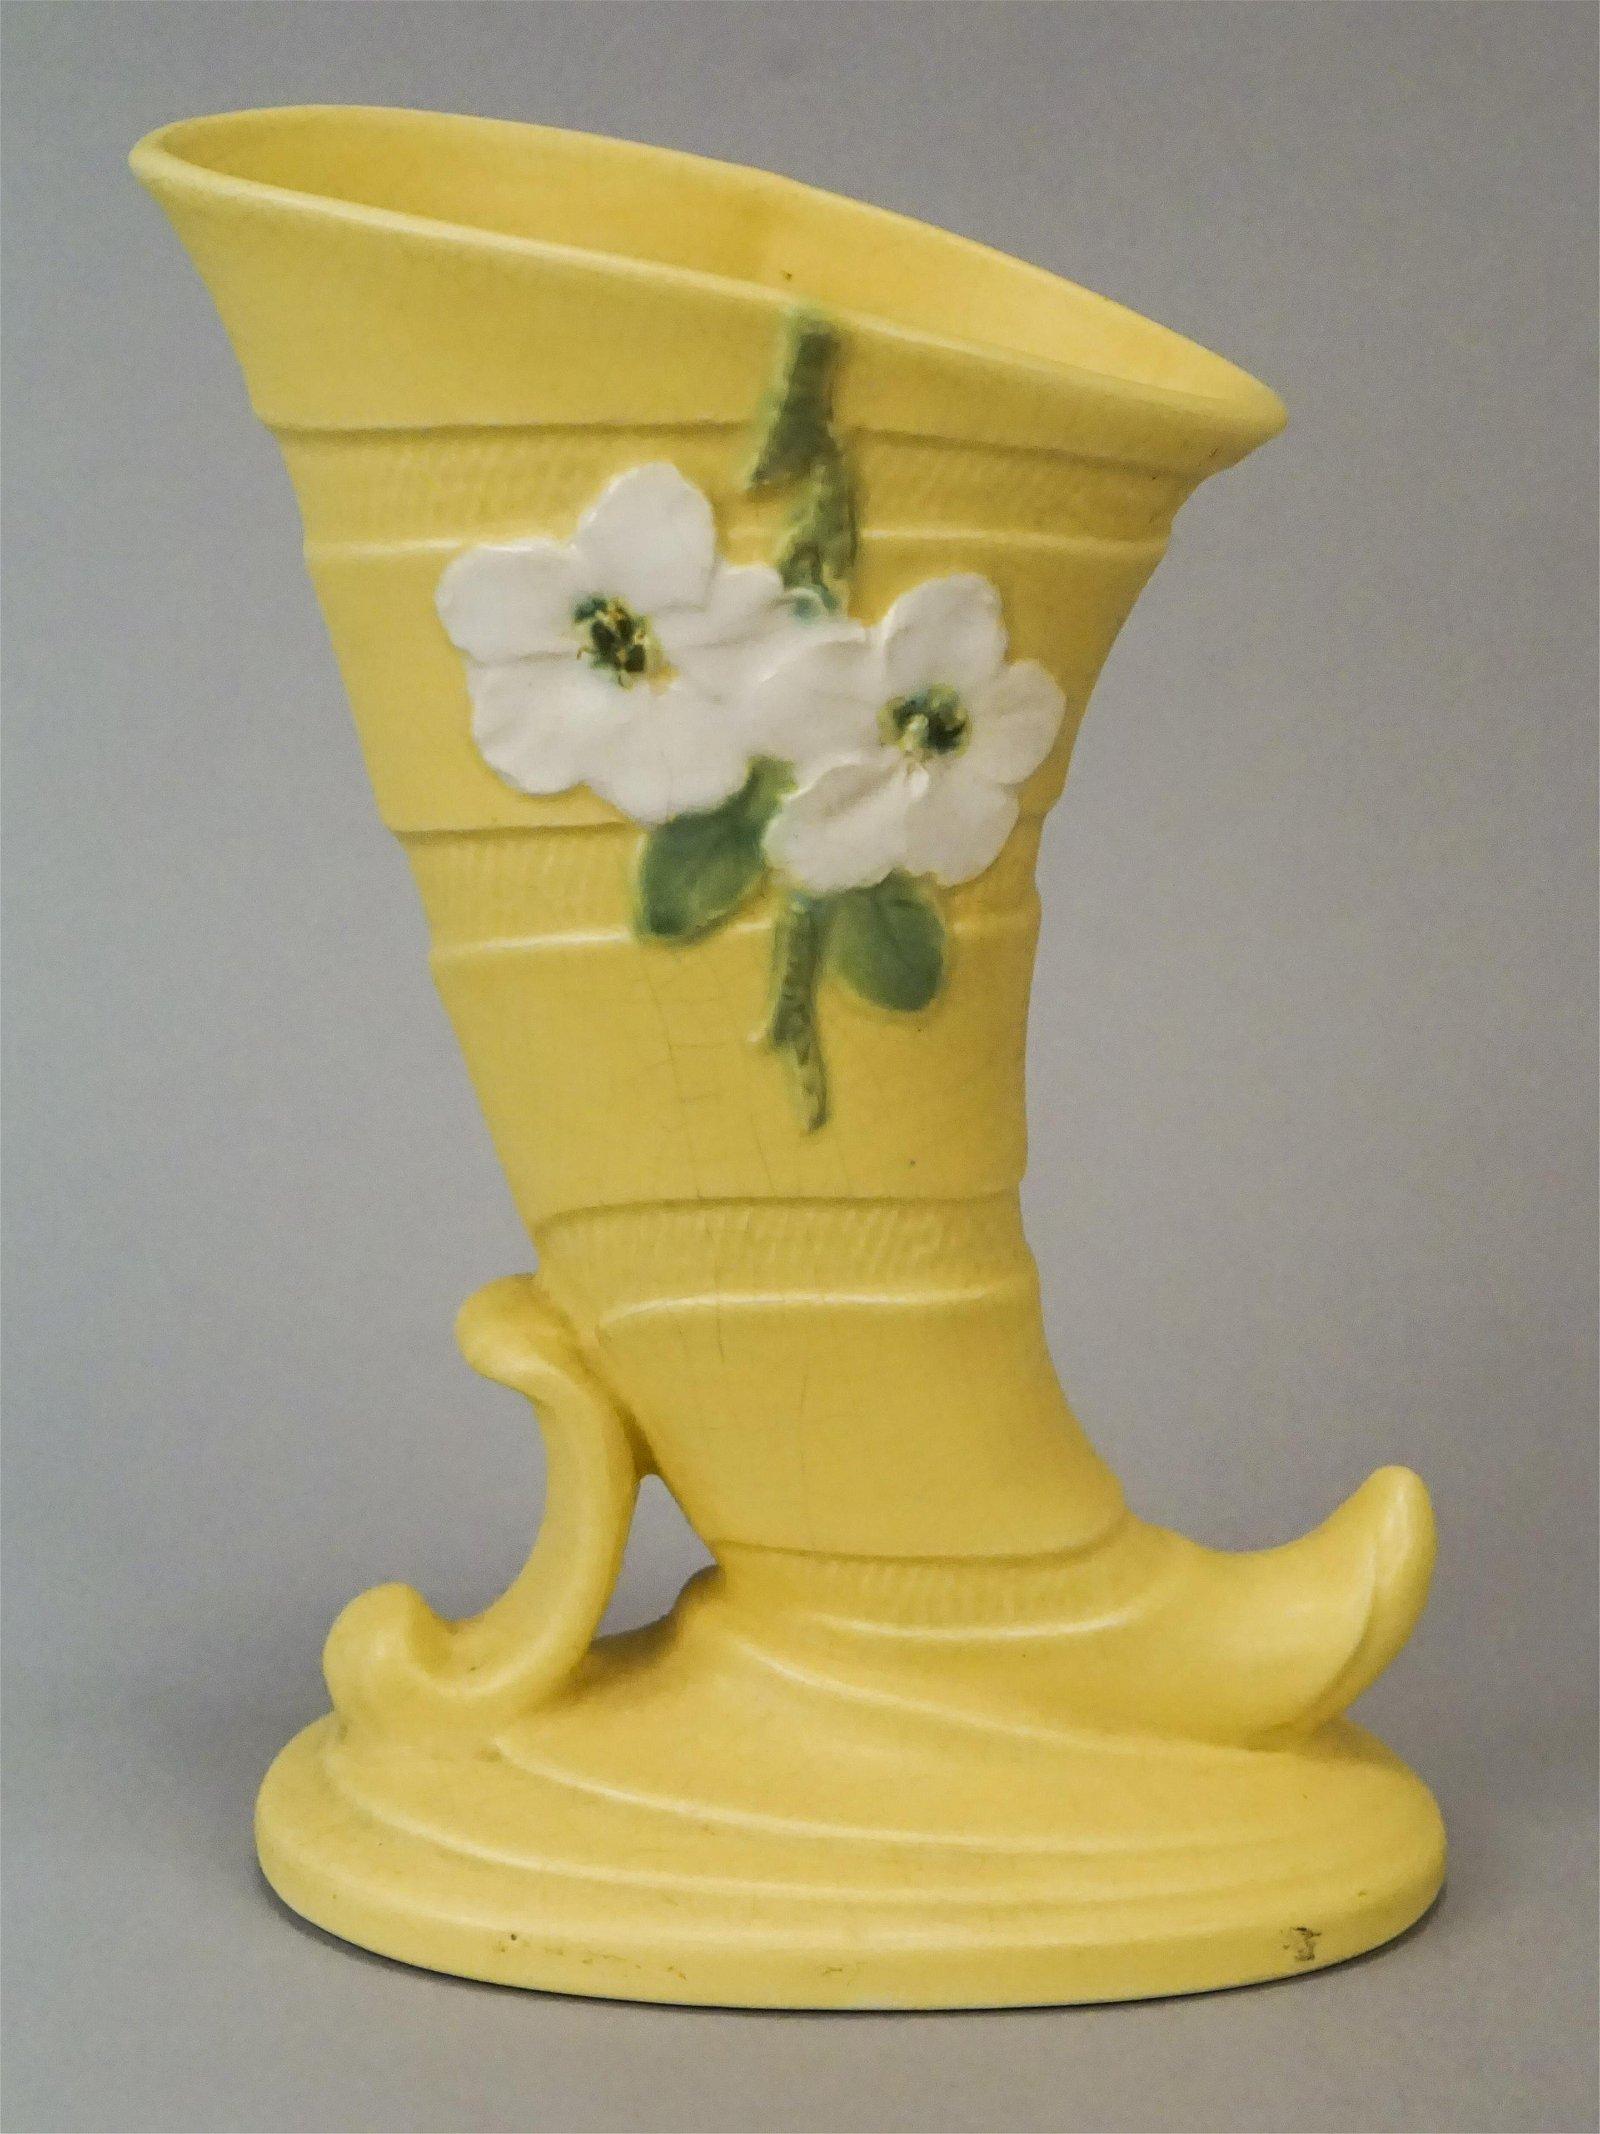 Vintage Weller Pottery Vase